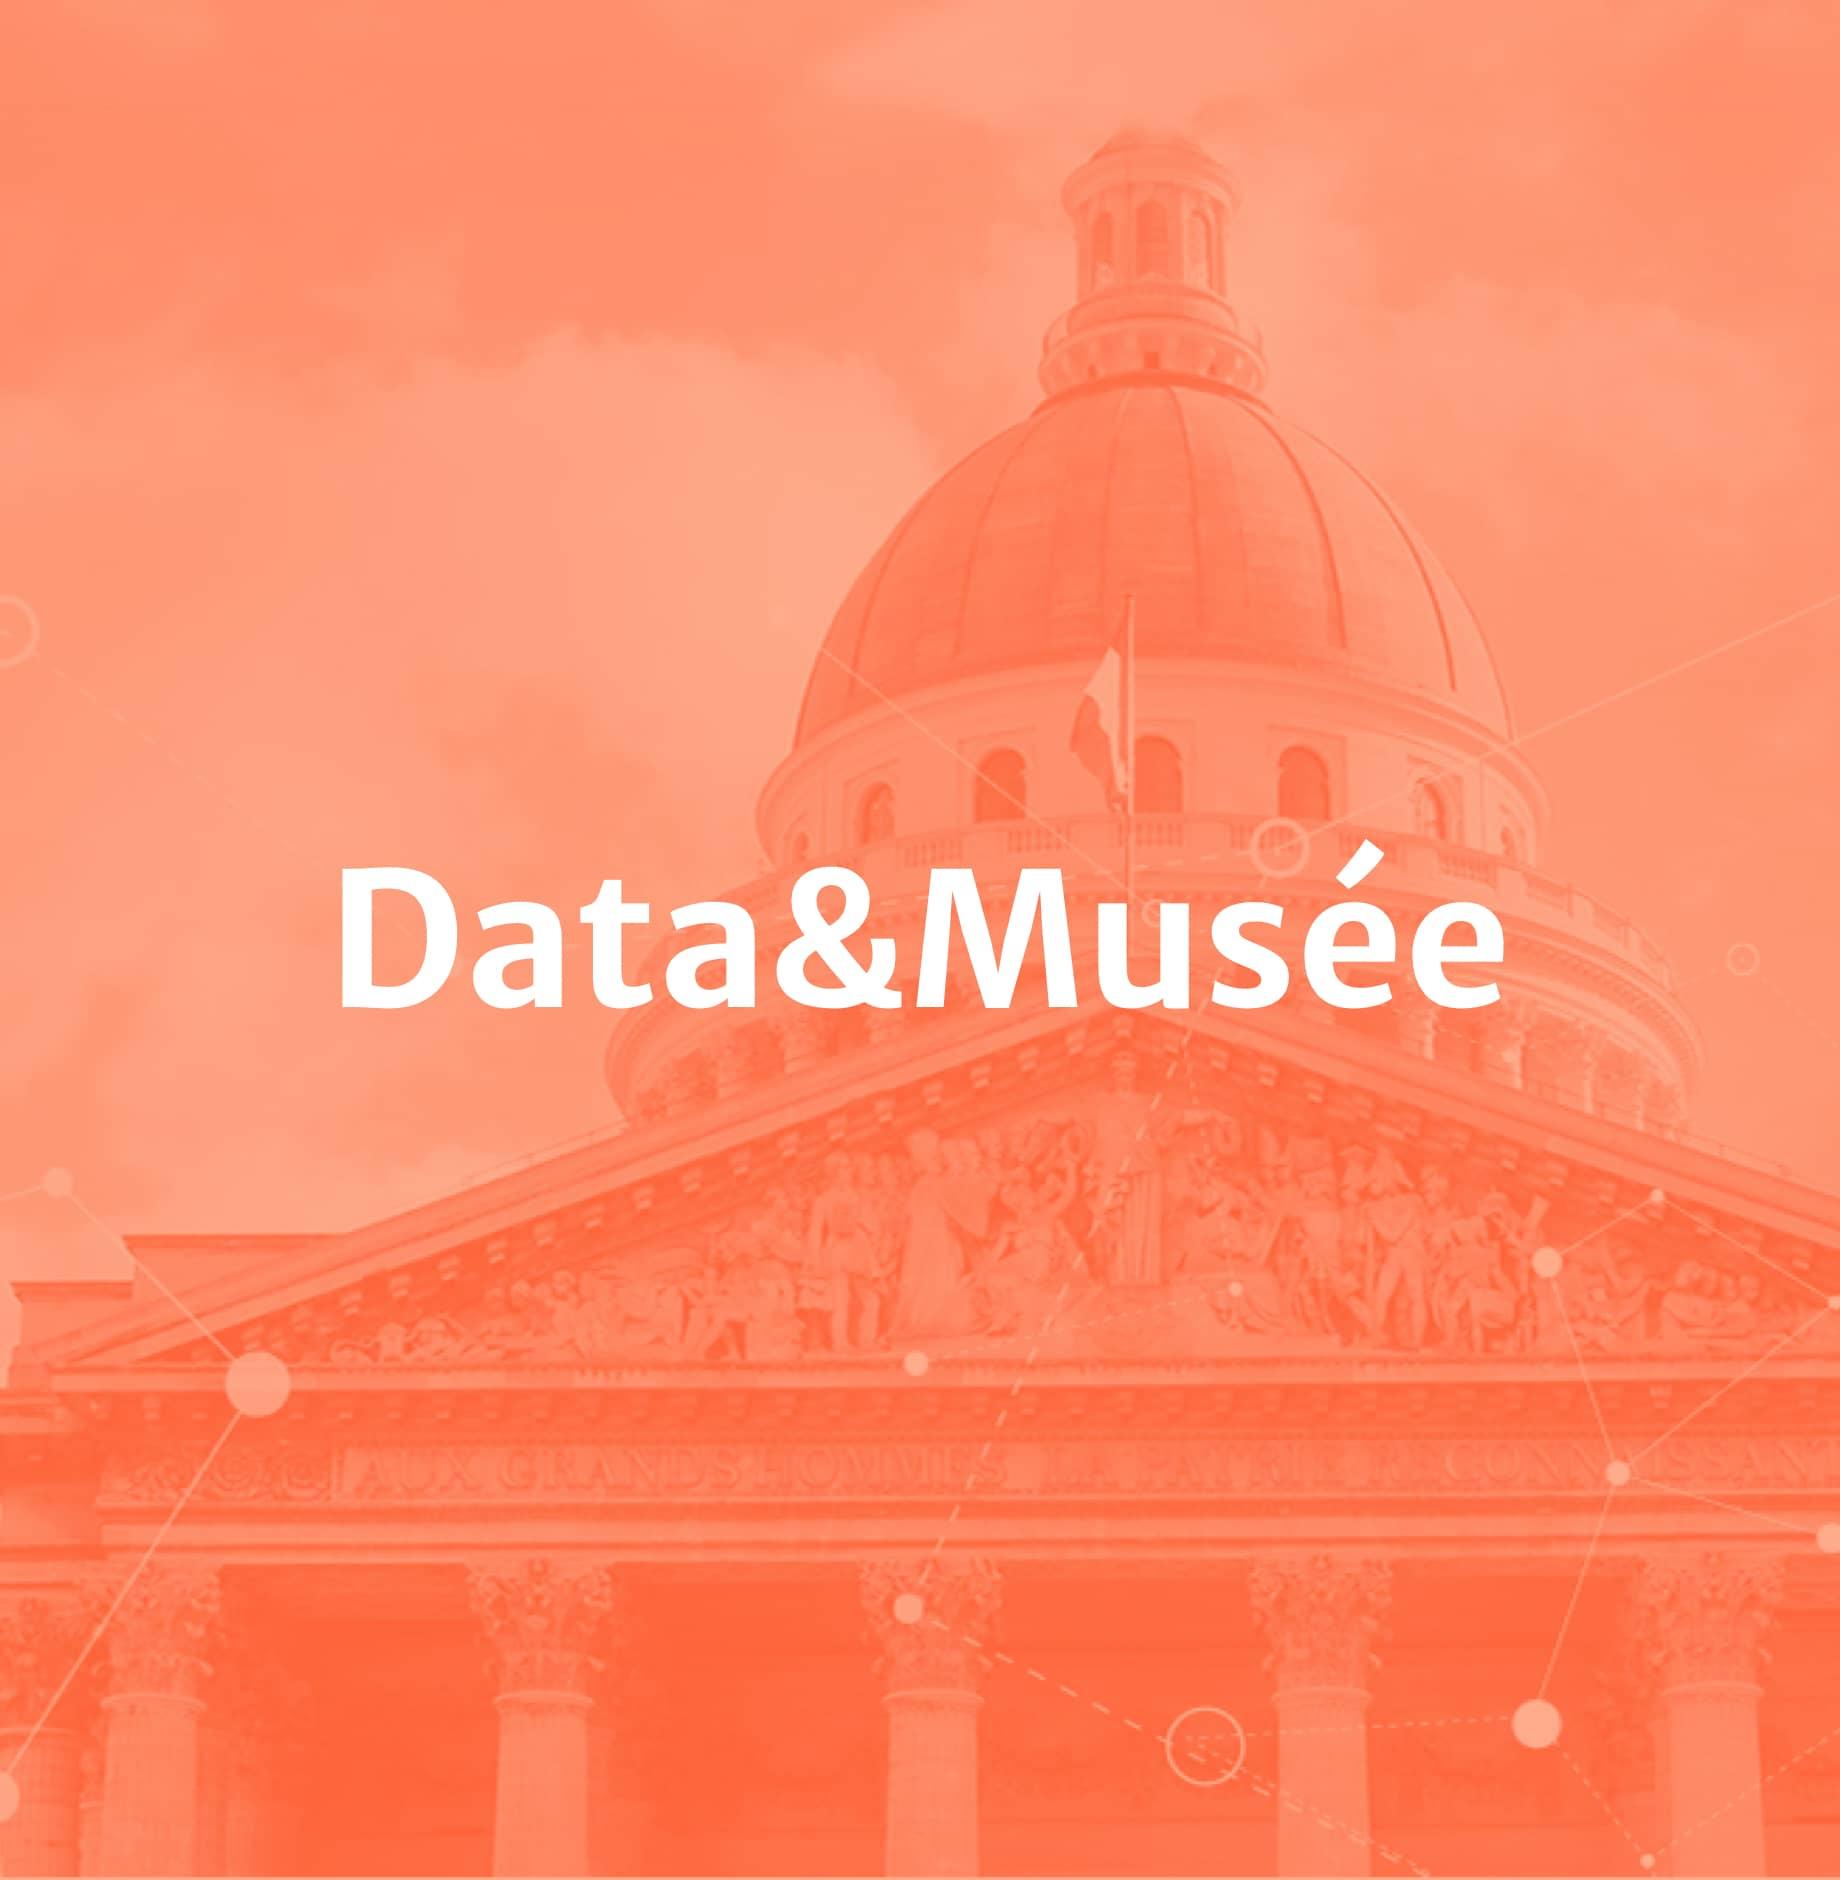 Data&Musée par Agence Web Kernix